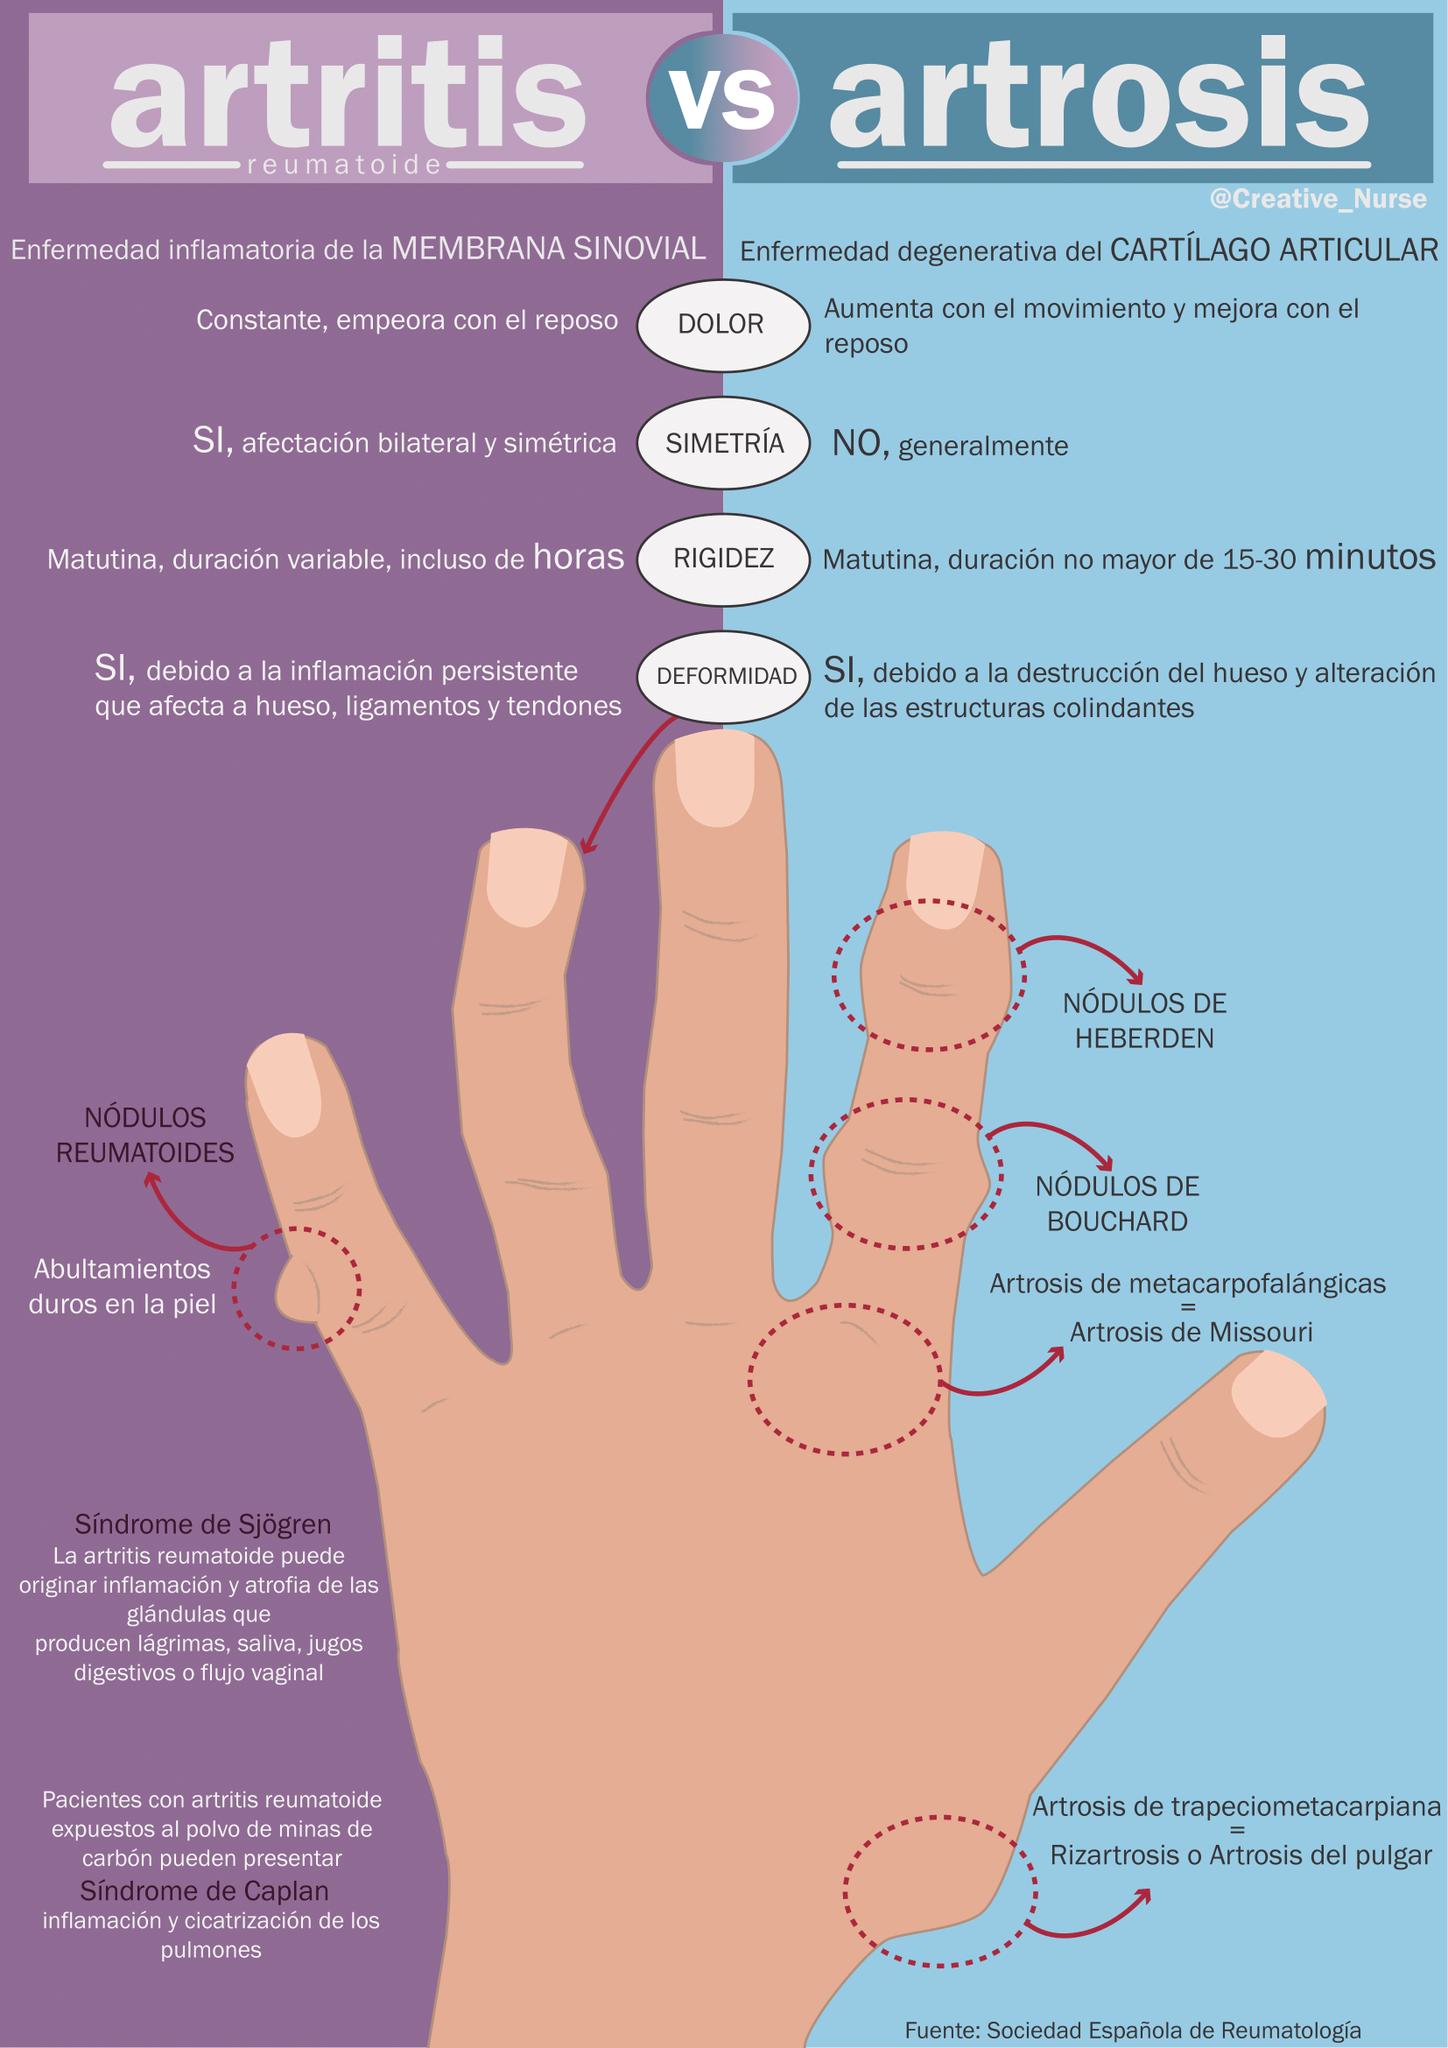 Infografías - Página web de creativenurse artritis vs artrosis ...